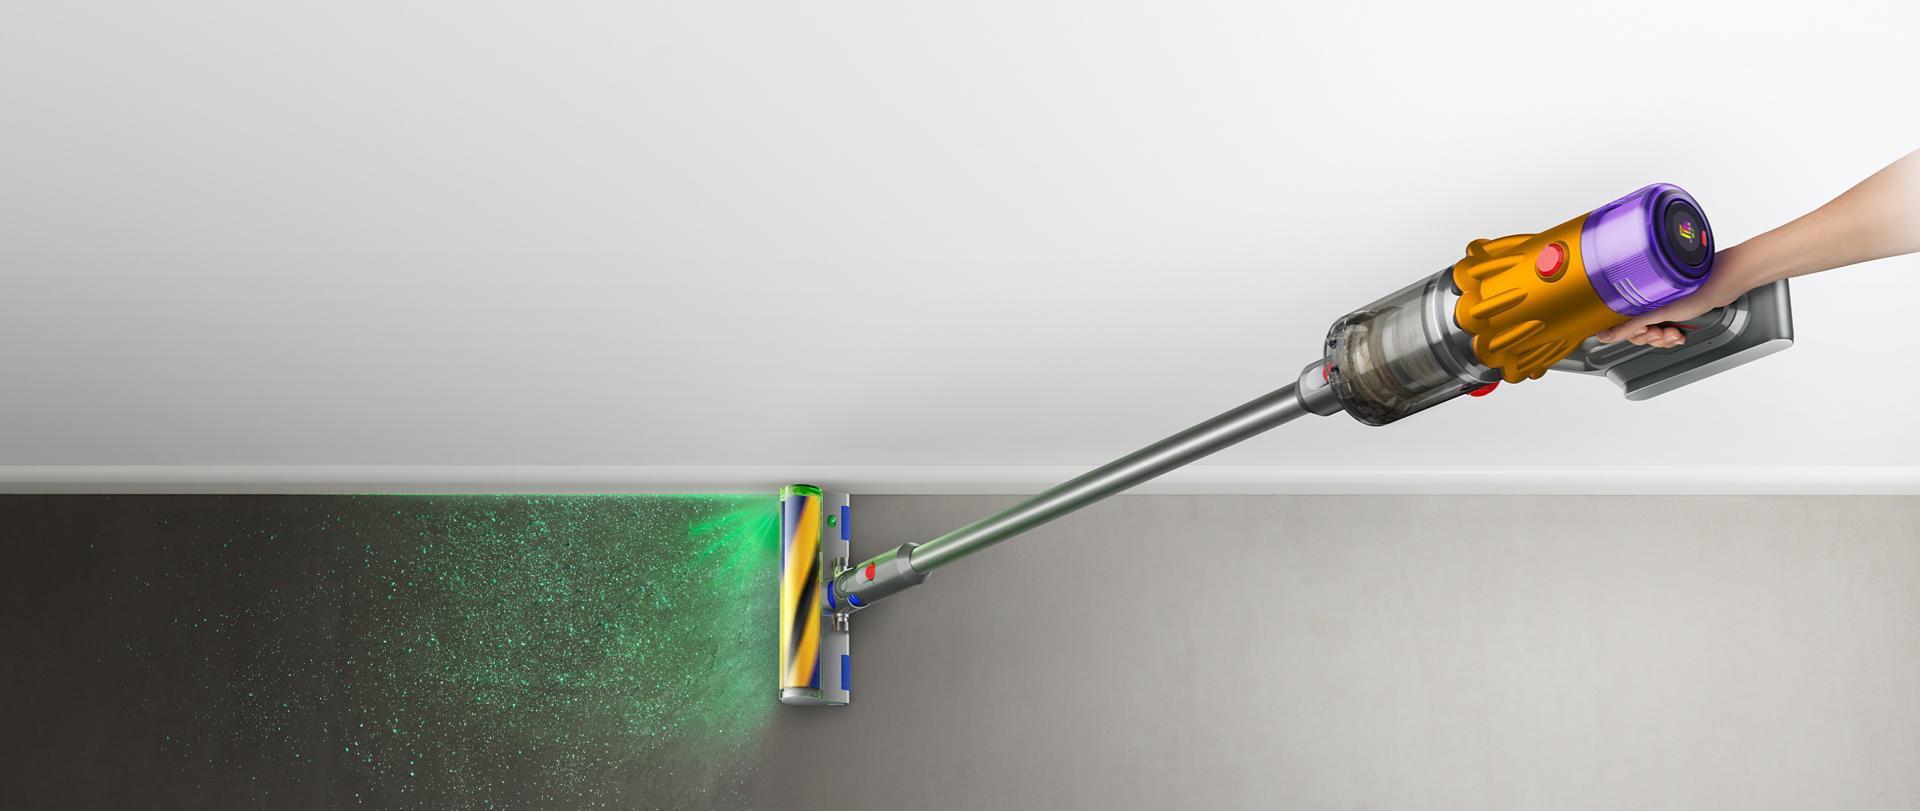 다이슨 V12 디텍트 슬림 무선 청소기를 쥐고 있는 손의 확대 이미지